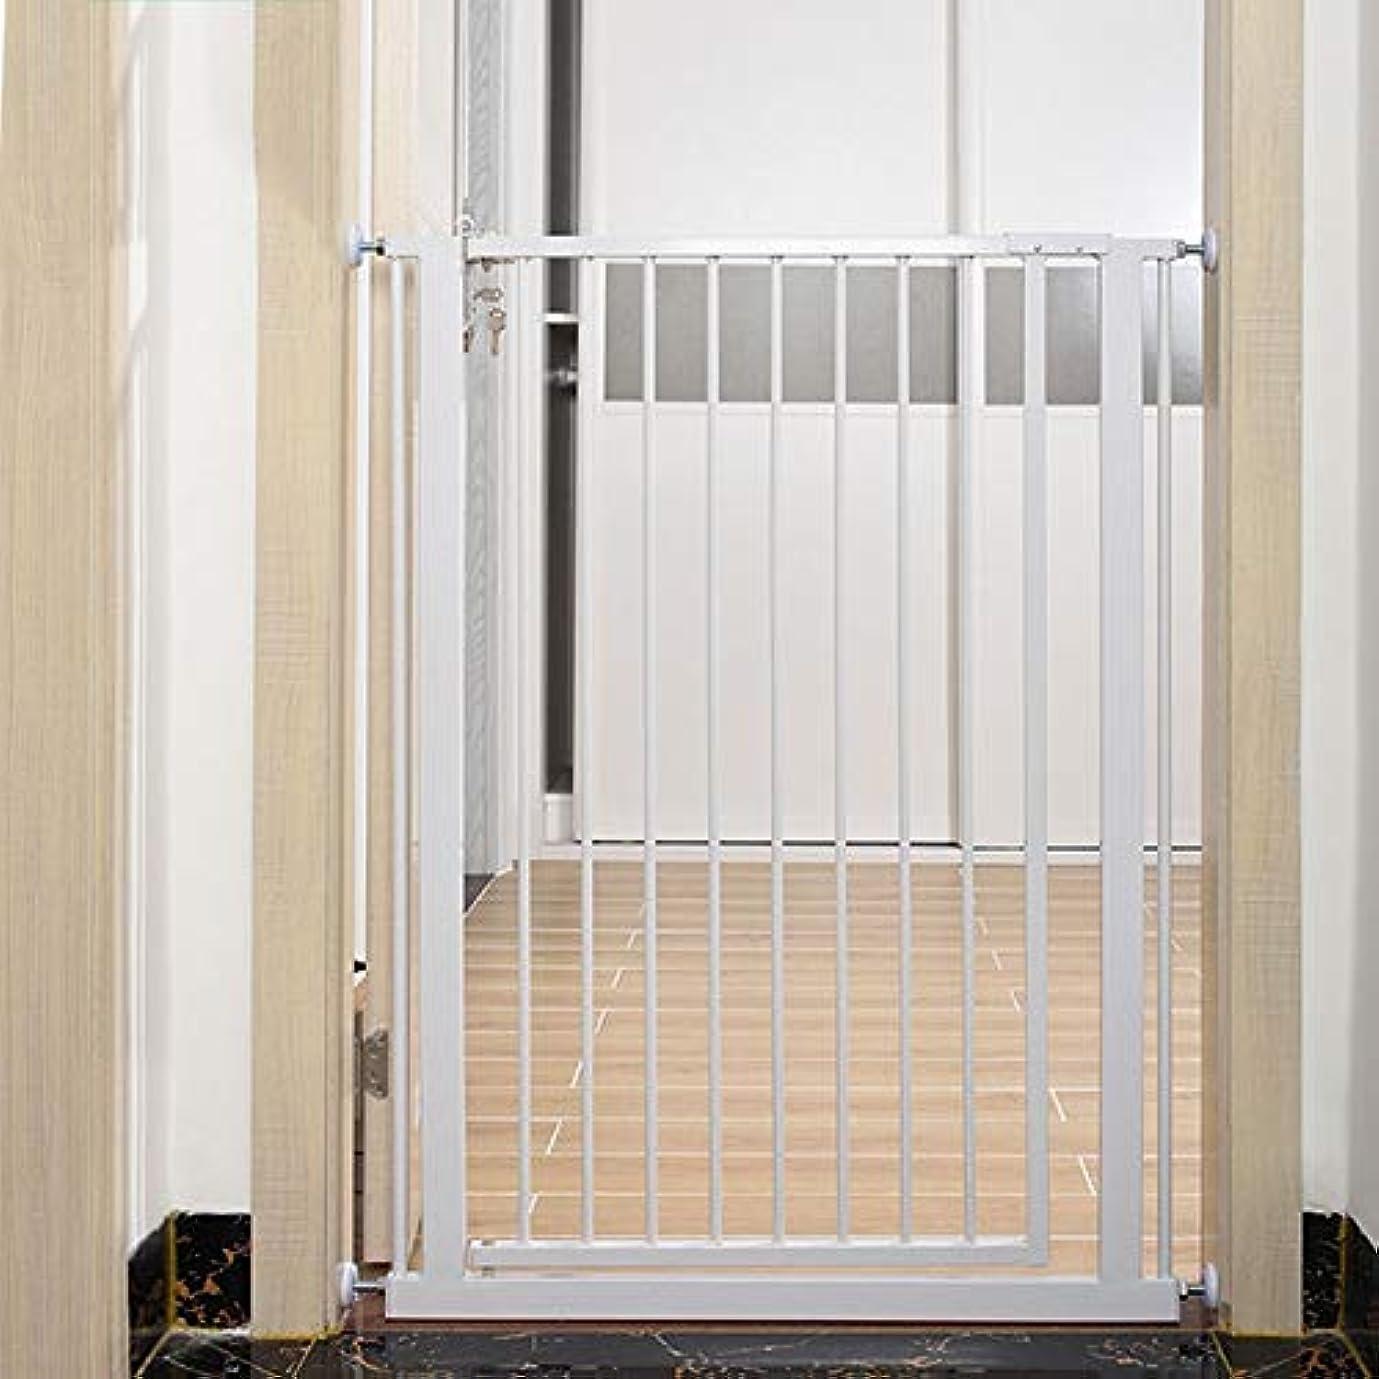 全体にデッキ慈悲ベビーフェンス 屋内ホワイトメタル安全ゲイツ出入り口階段廊下のための余分な背の高いペットゲート ペットゲート (Size : 90-97cm)